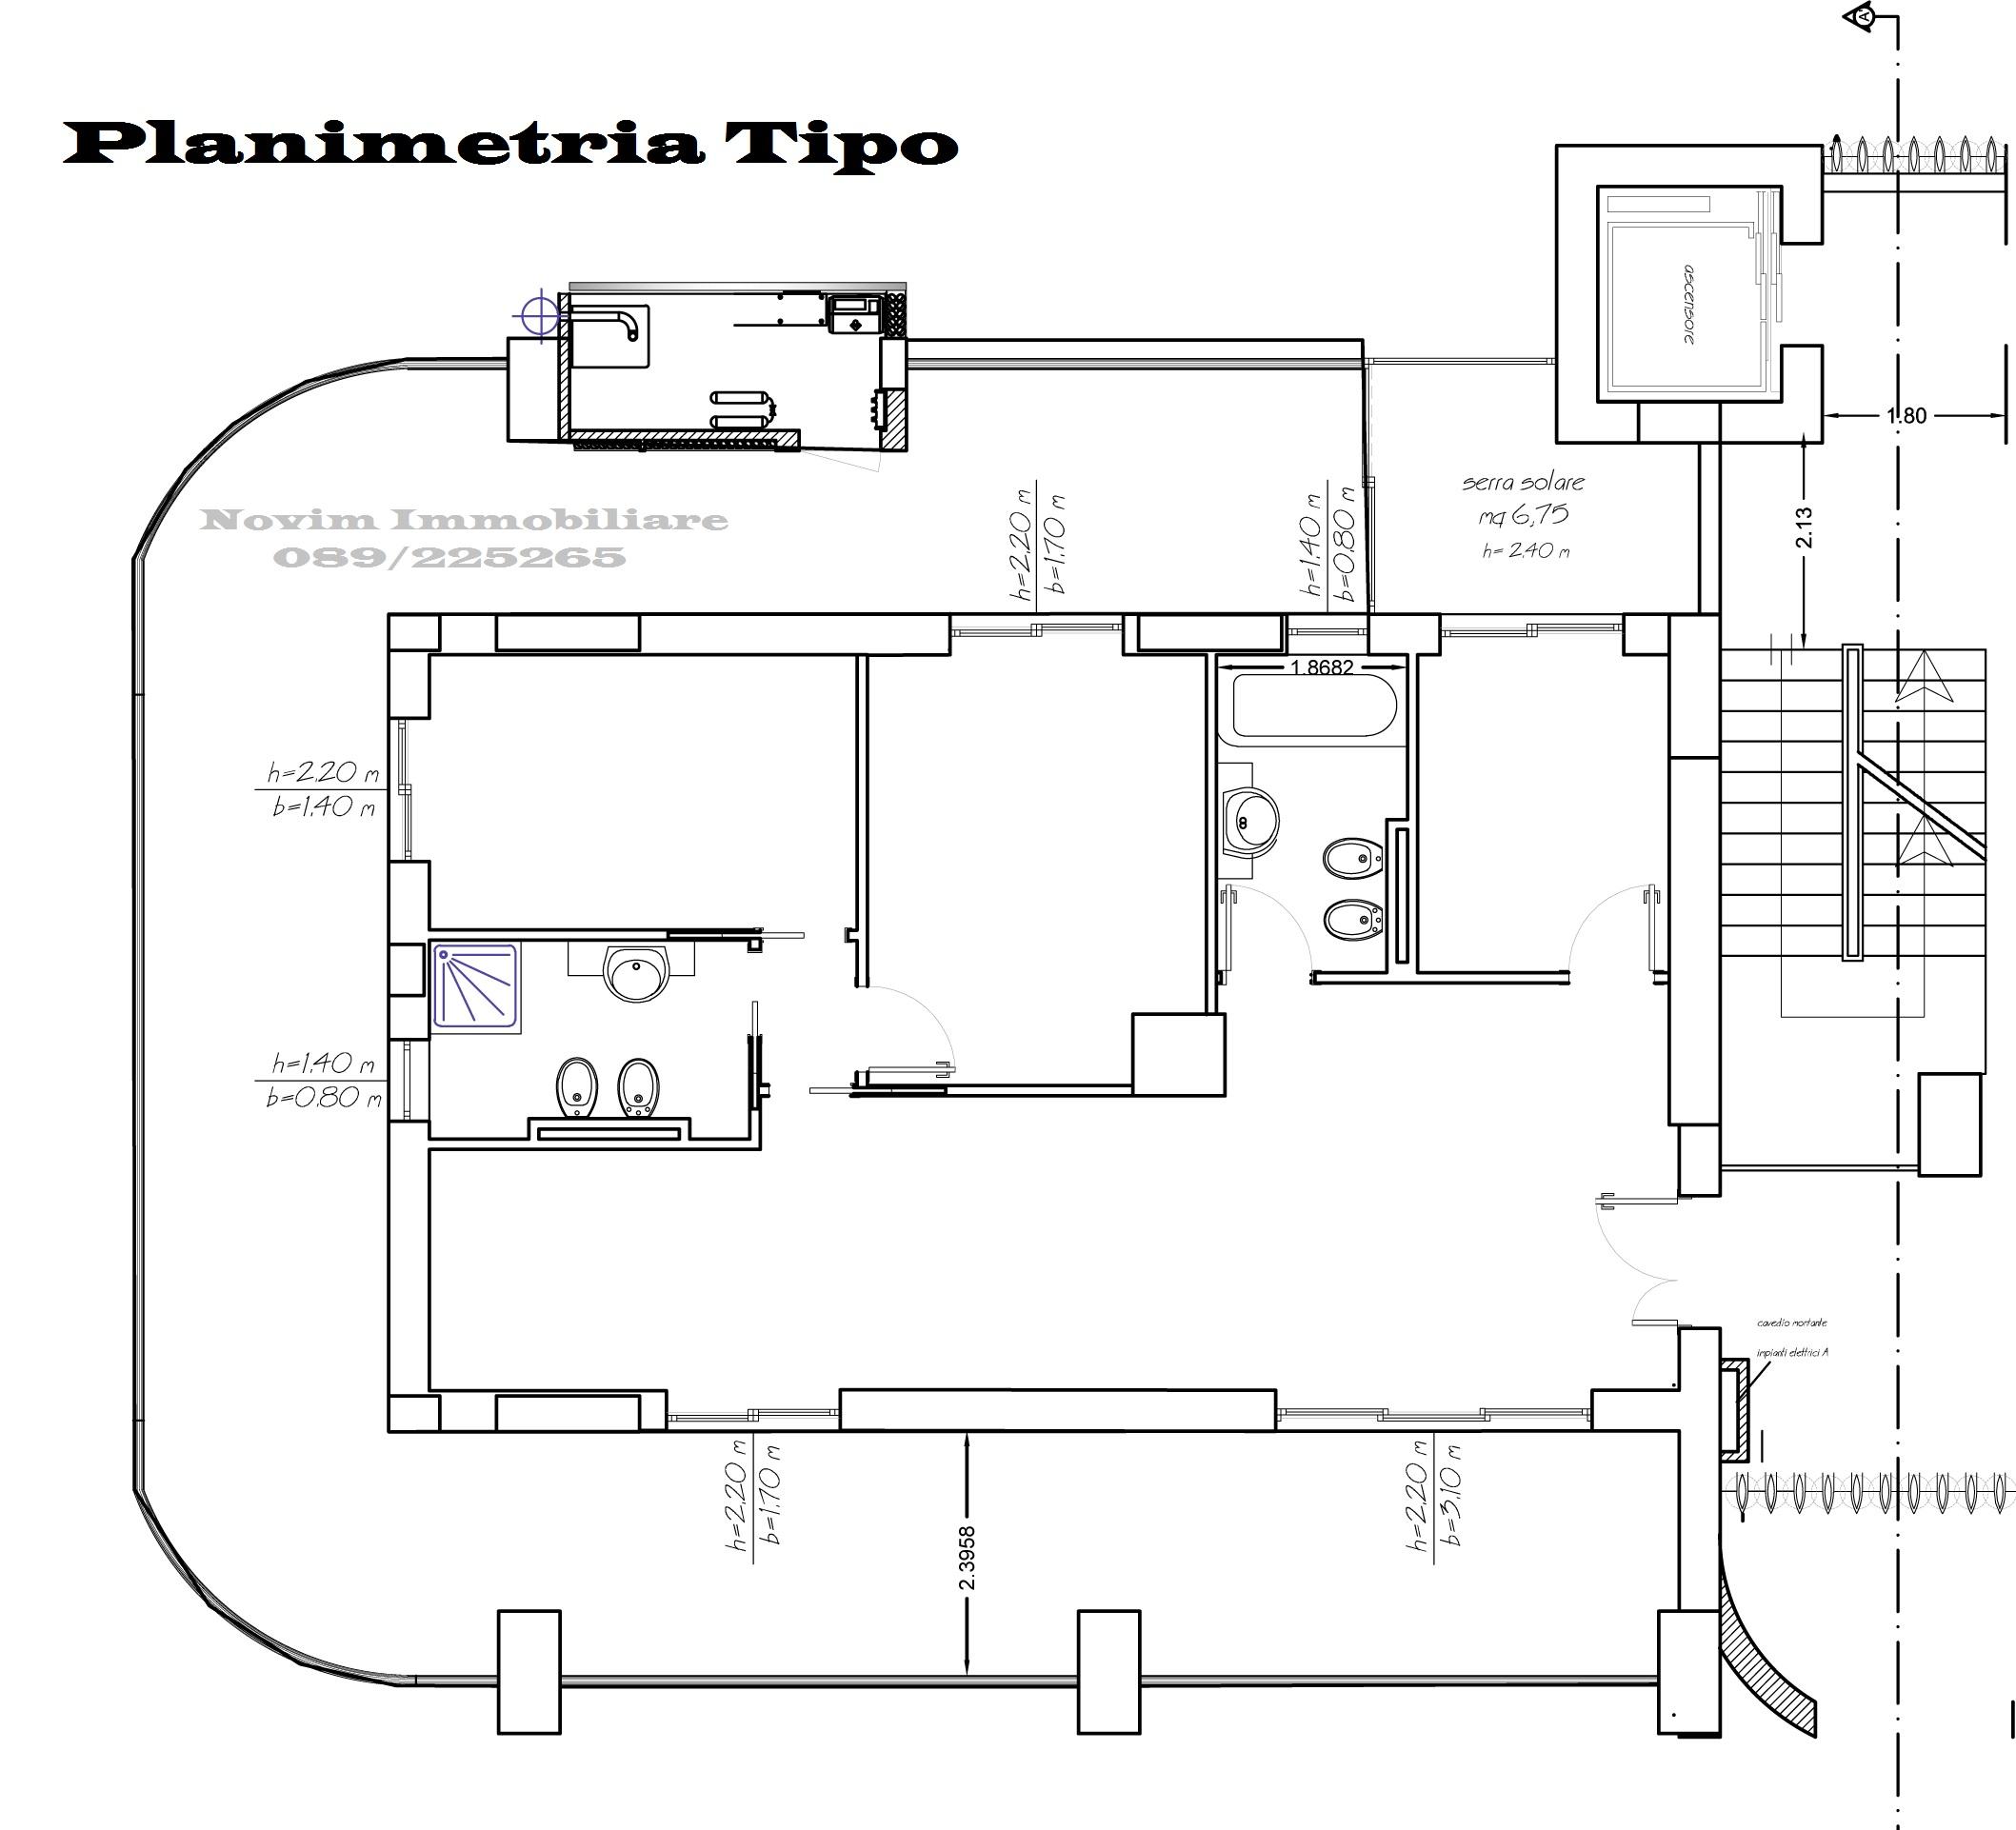 Planimetria Tipo